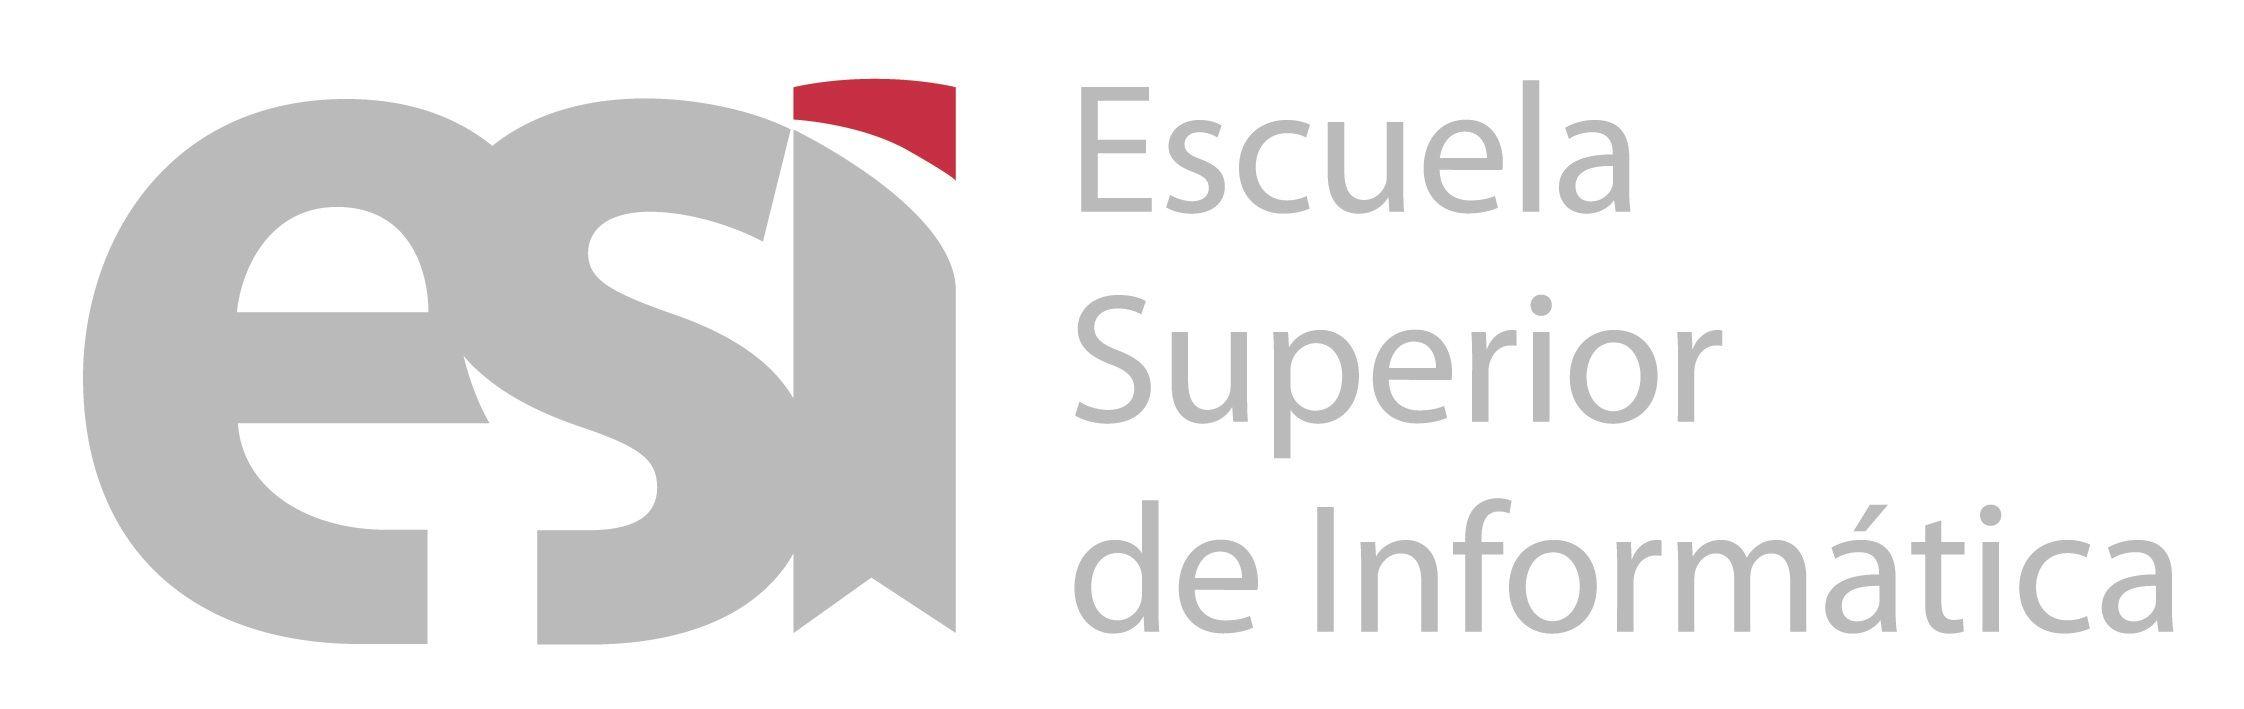 Logo Escuela Superior de Informática